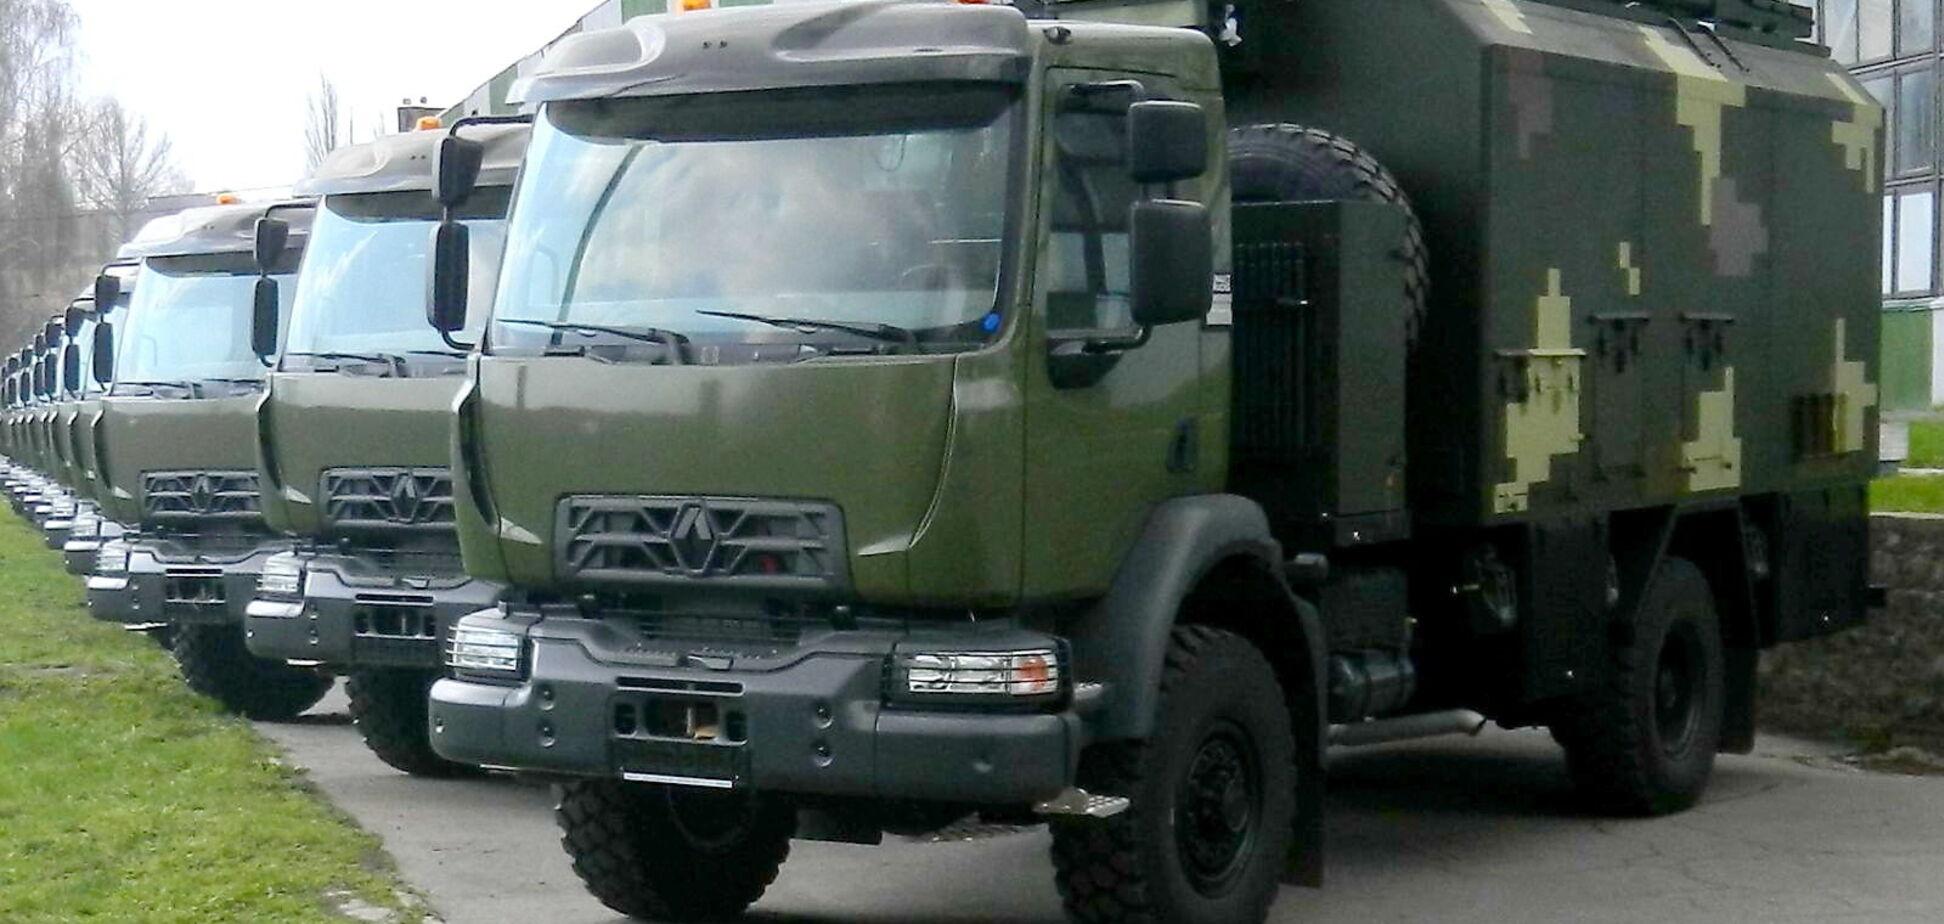 Українські військові зв'язківці отримають на озброєння вантажівки Renault